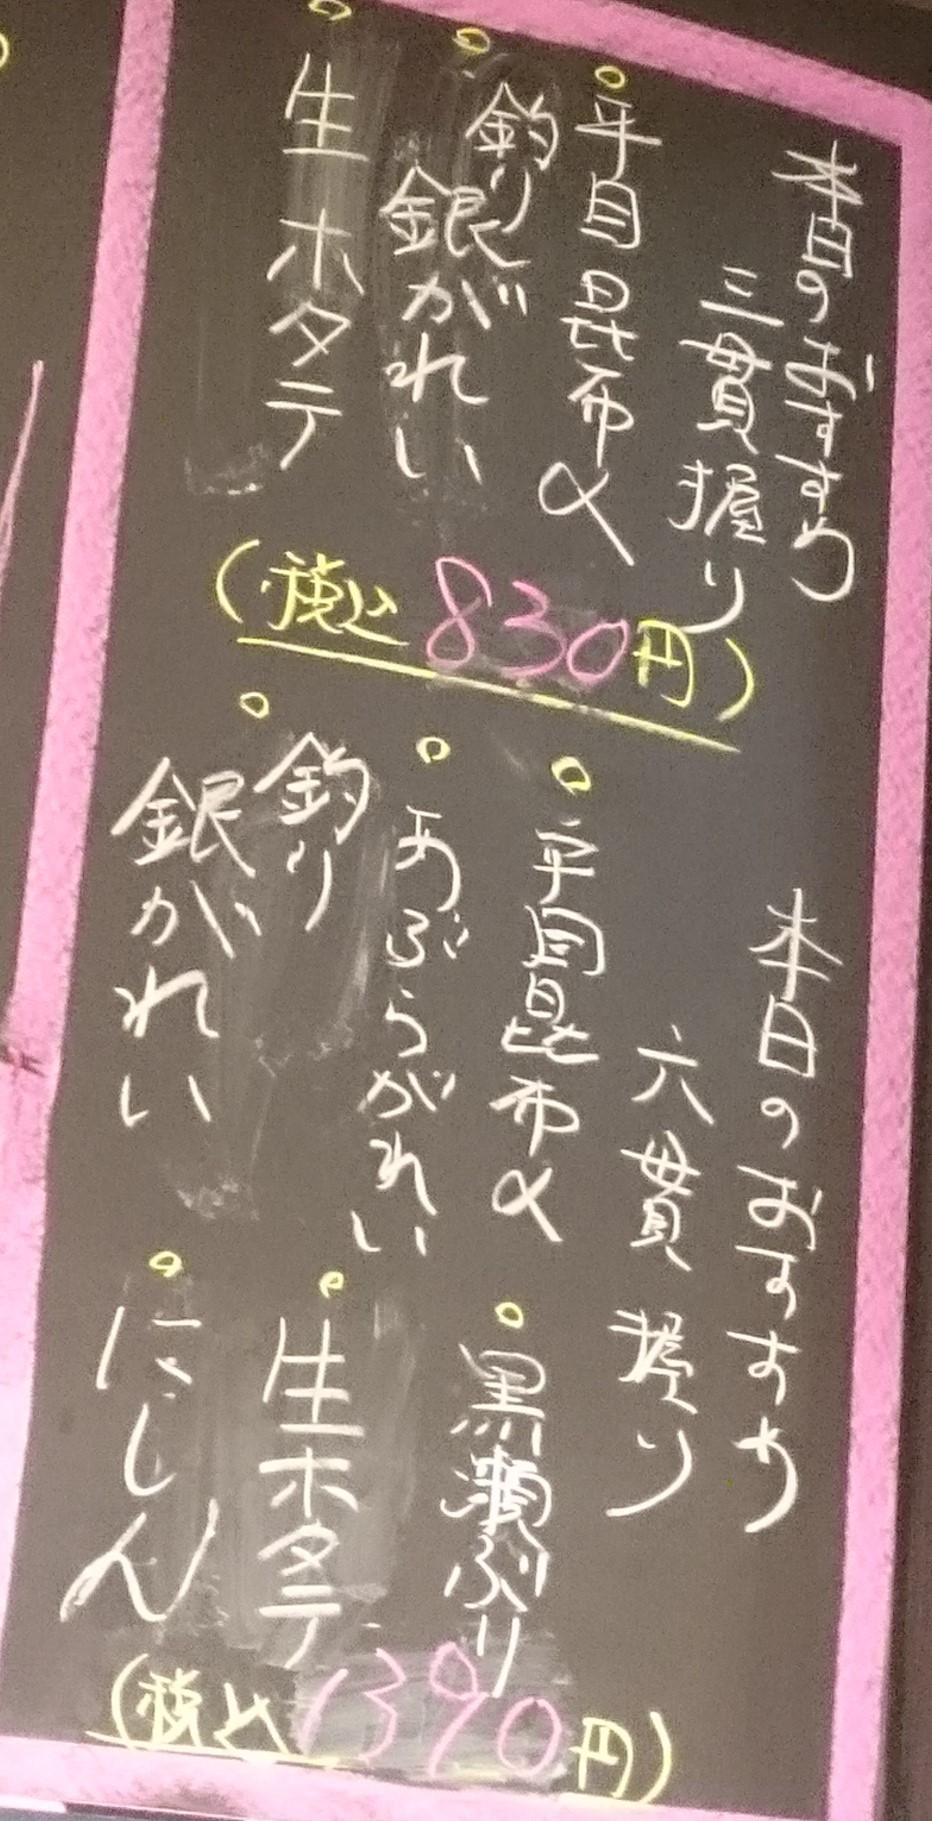 銀座で立ち食い鮨♪ 根室花まる_c0100865_10180645.jpg